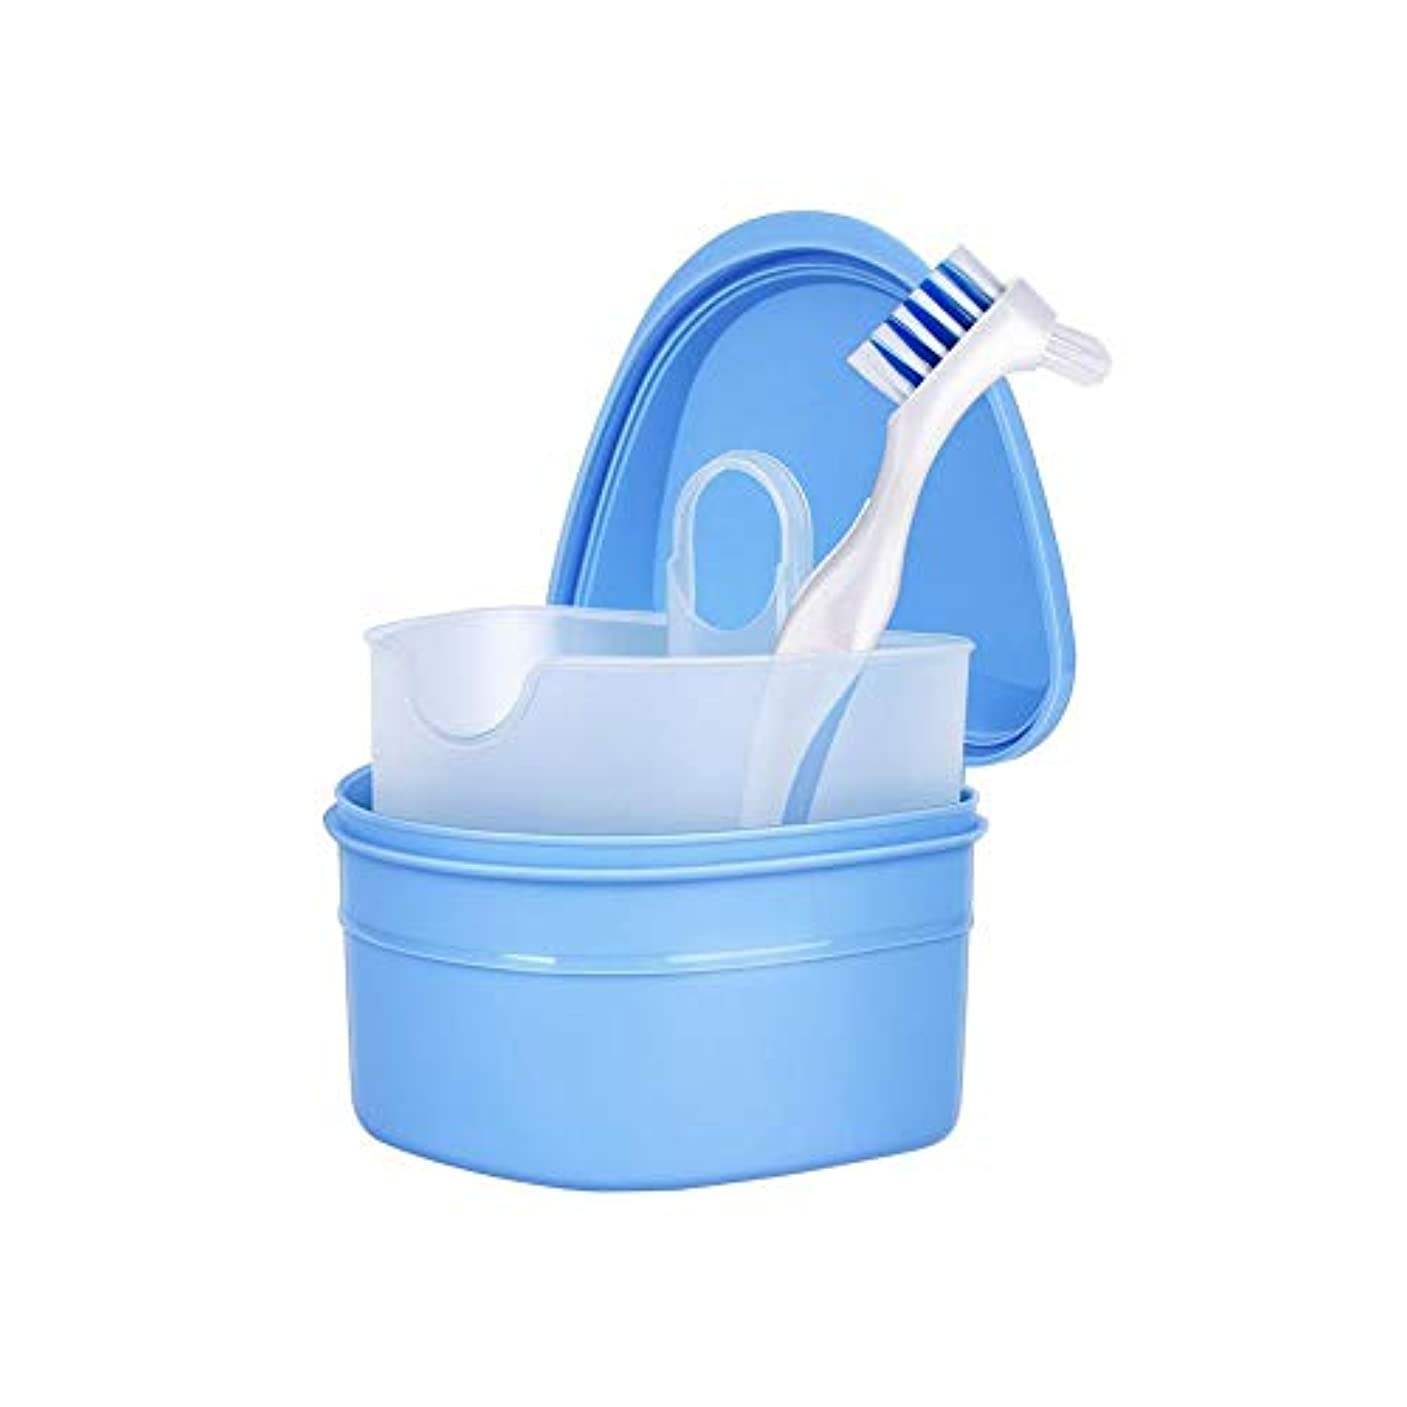 父方の同性愛者類人猿入れ歯ケース 入れ歯収納 ブラシ付 義歯箱 リテーナーボックス 防水 軽量 ミニ 携帯用 家庭 旅行 出張 義歯収納容器